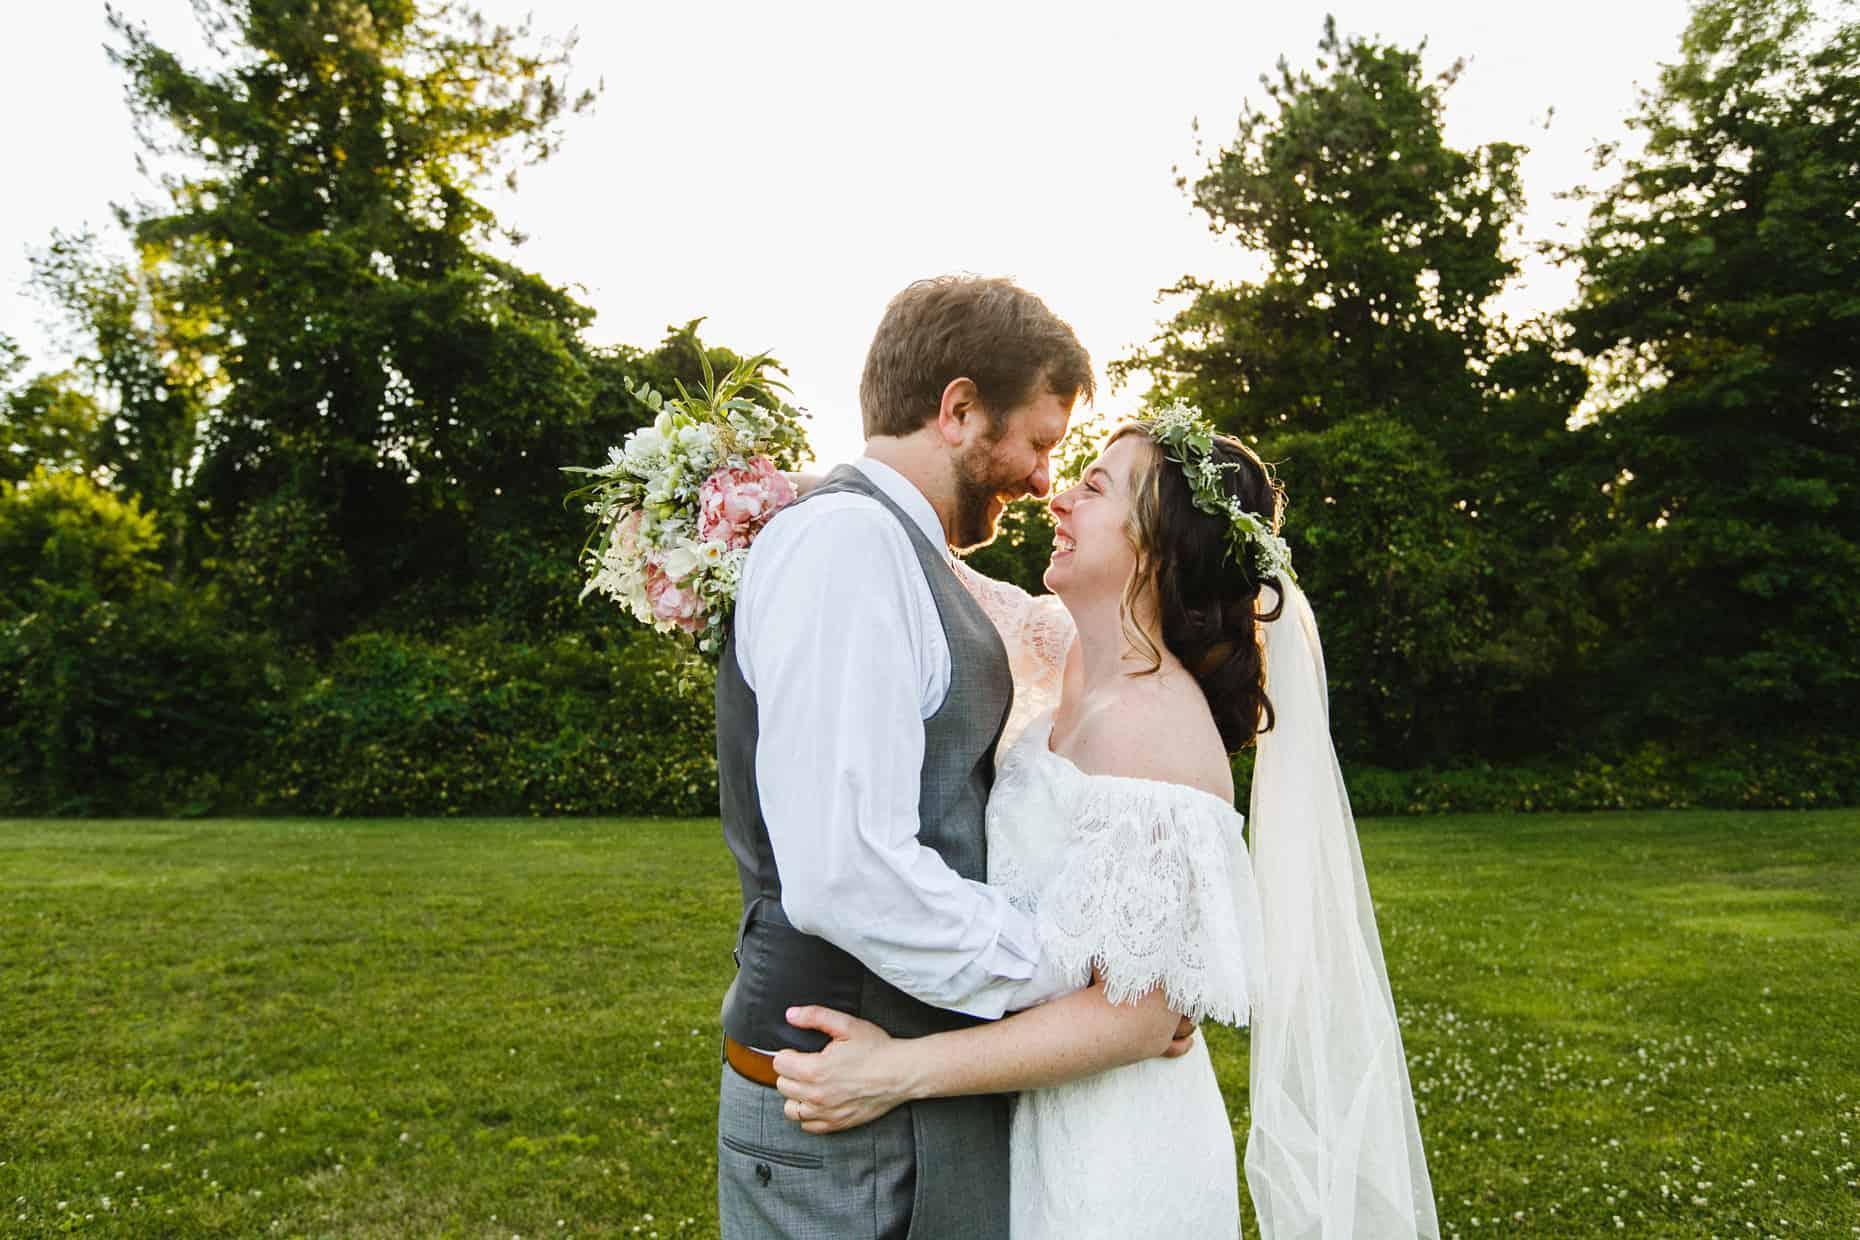 St. Michael's Park weddings Phoenixville